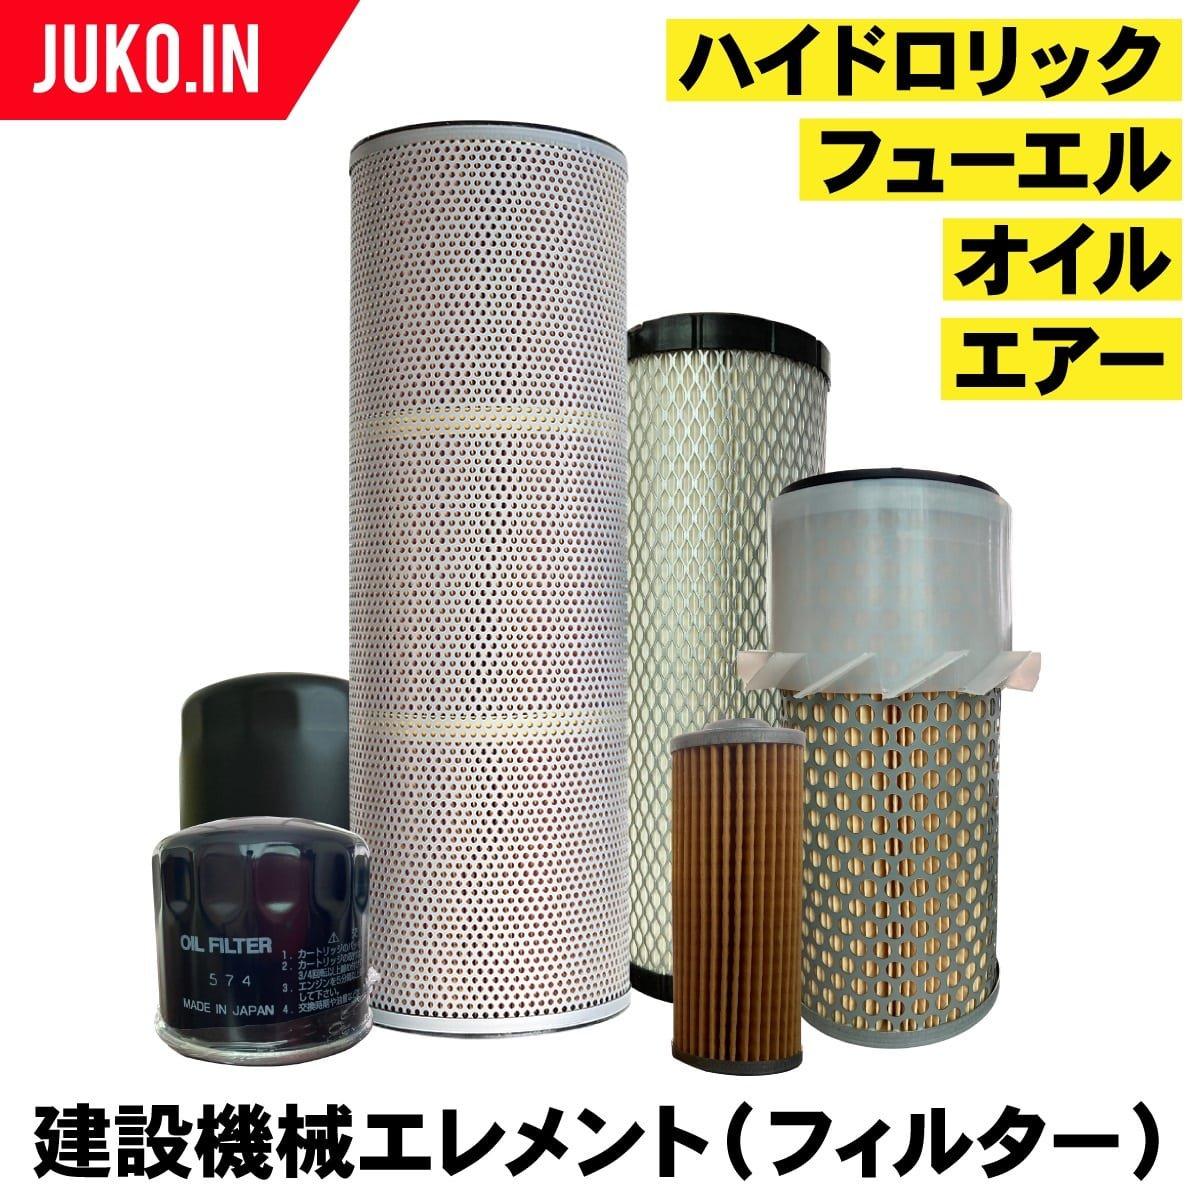 コマツ パワーショベル PC400(LC)-3 ハイドロリックエレメントH-115(リターン)